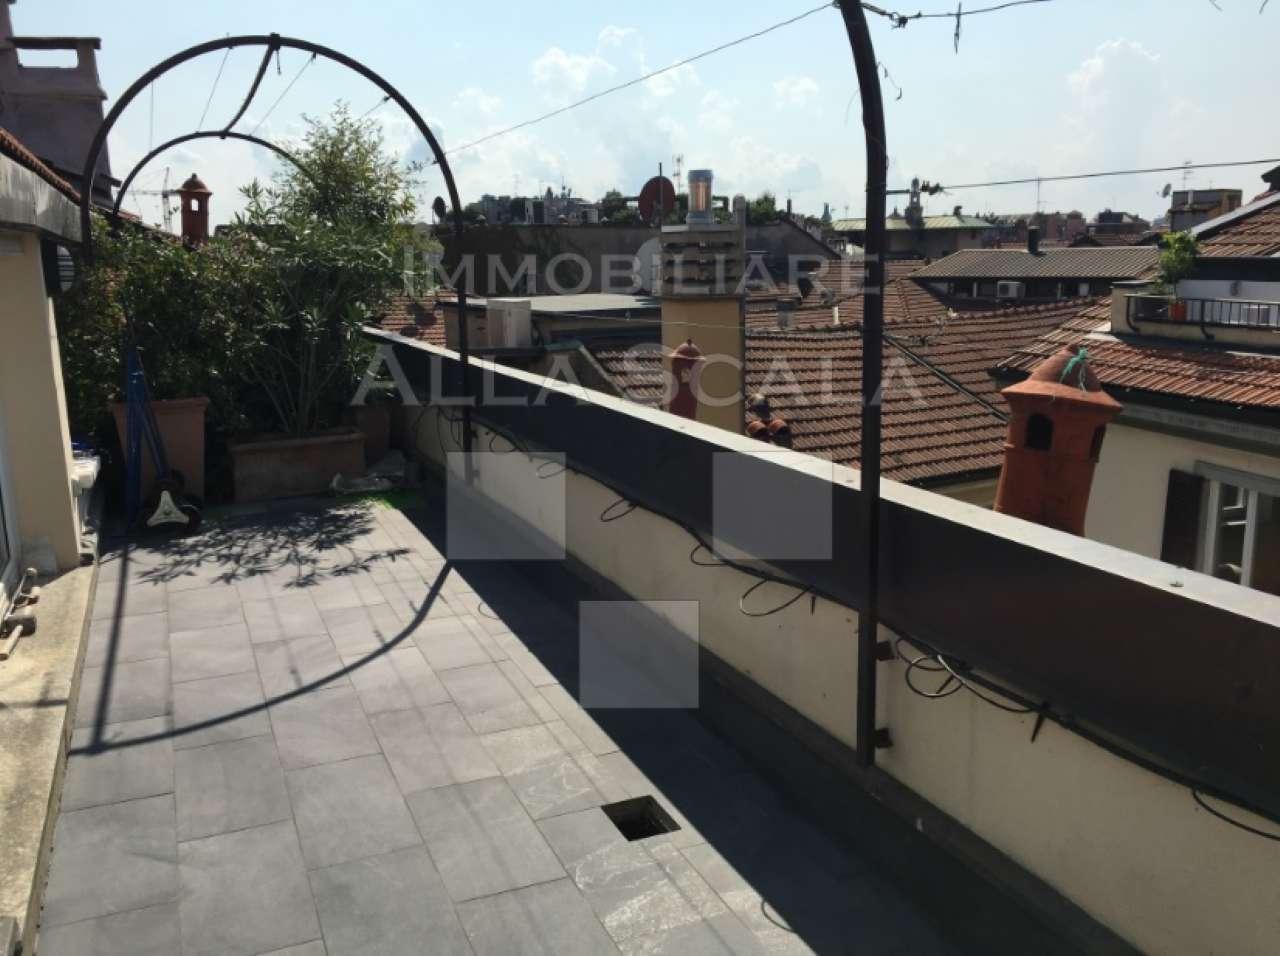 Attico / Mansarda in affitto a Milano, 5 locali, zona Zona: 1 . Centro Storico, Duomo, Brera, Cadorna, Cattolica, prezzo € 5.000 | CambioCasa.it